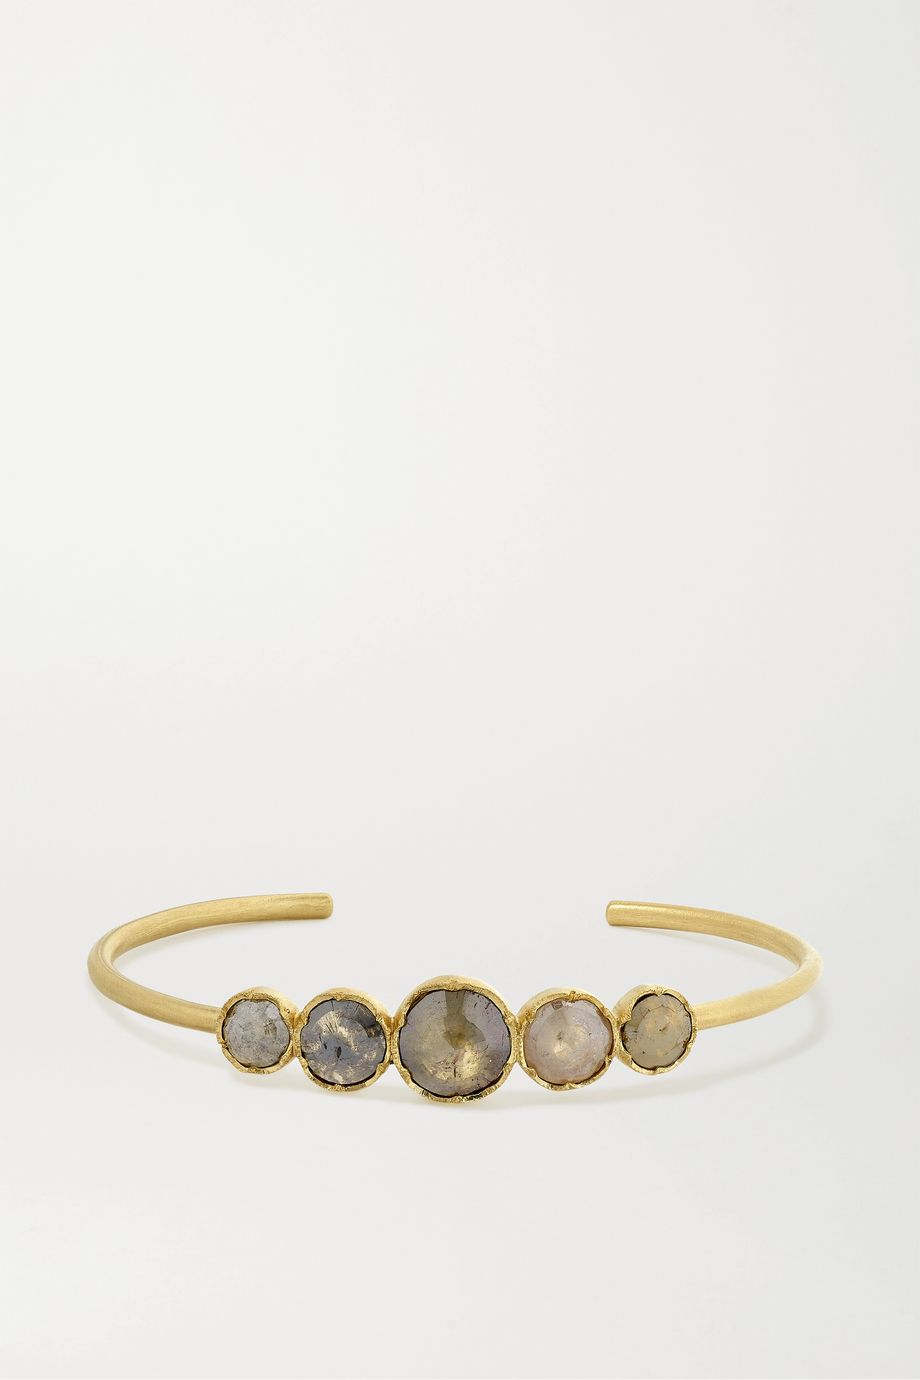 Brooke Gregson Orbit Armspange aus 18 Karat Gold mit Diamanten